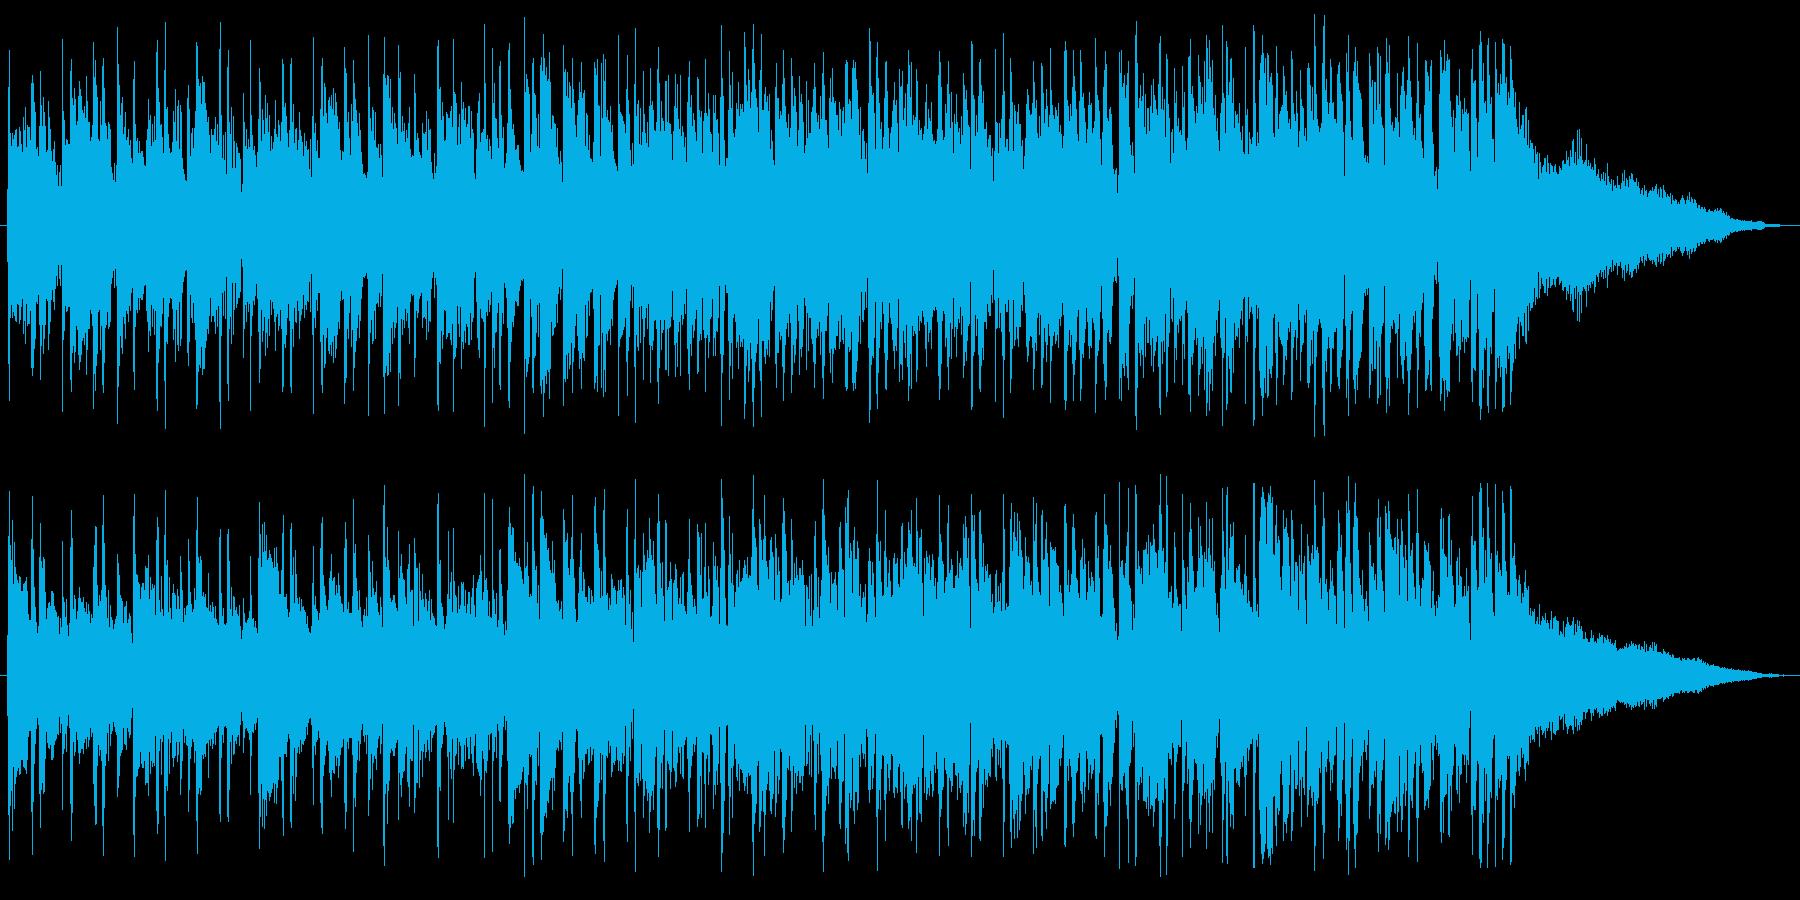 ボサノバギター、メロ入り、南風の再生済みの波形